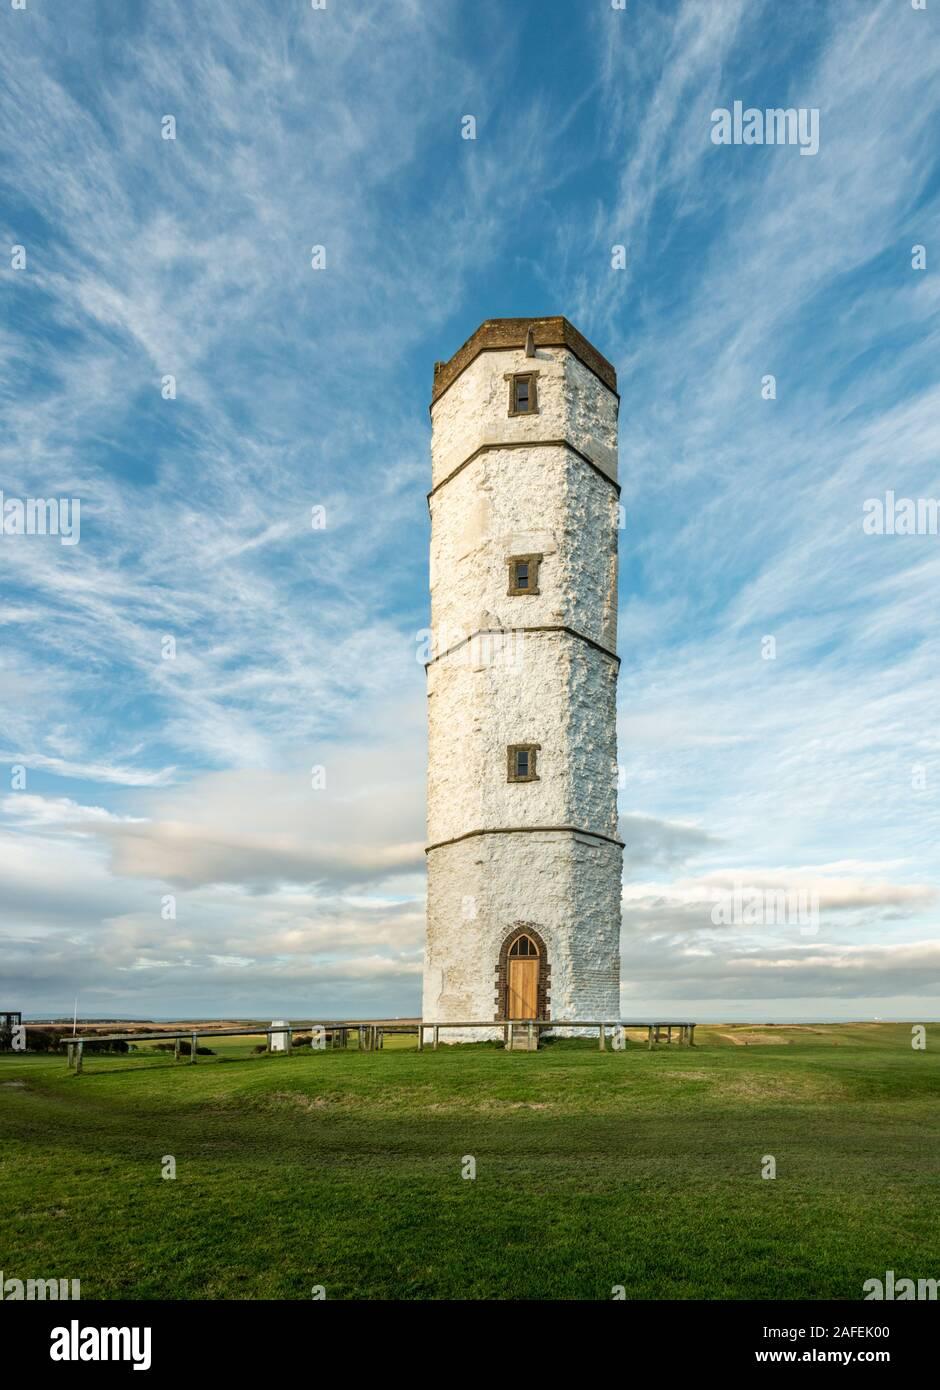 L'ancien bâtiment de la tour de craie à Flamborough Head avec une superbe toile de fond de ciel, East Riding of Yorkshire, UK Banque D'Images